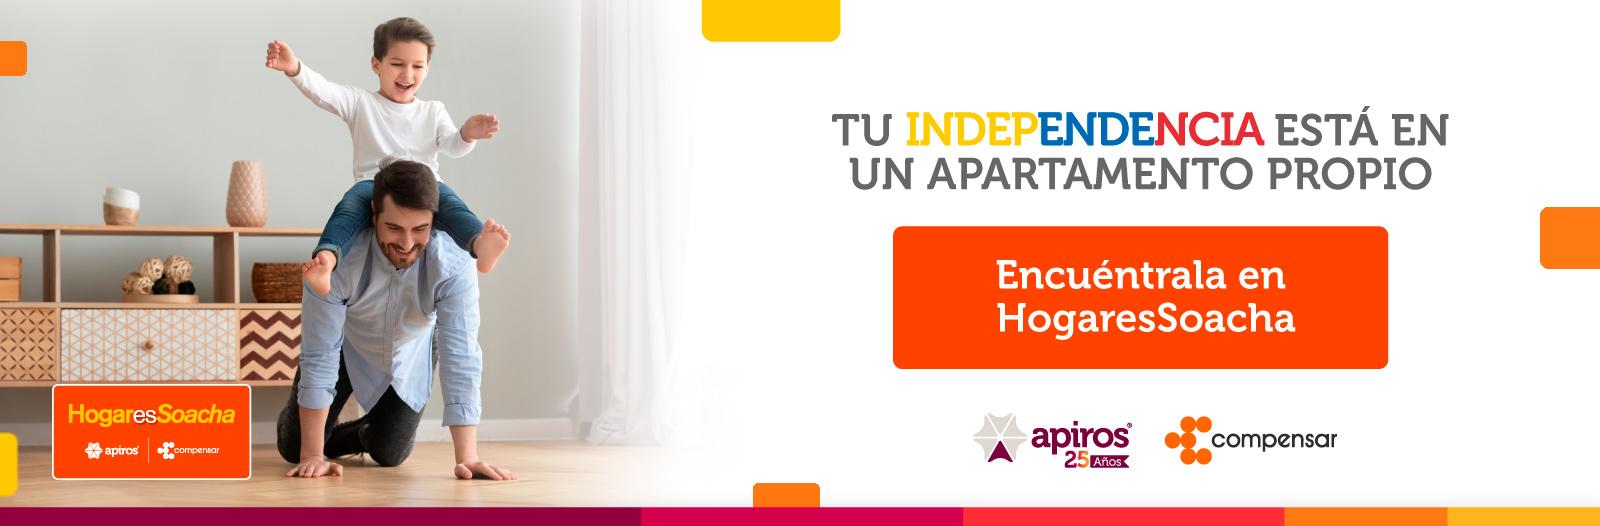 tu independencia está en un apartamento propio encuentrala en hogaressoacha